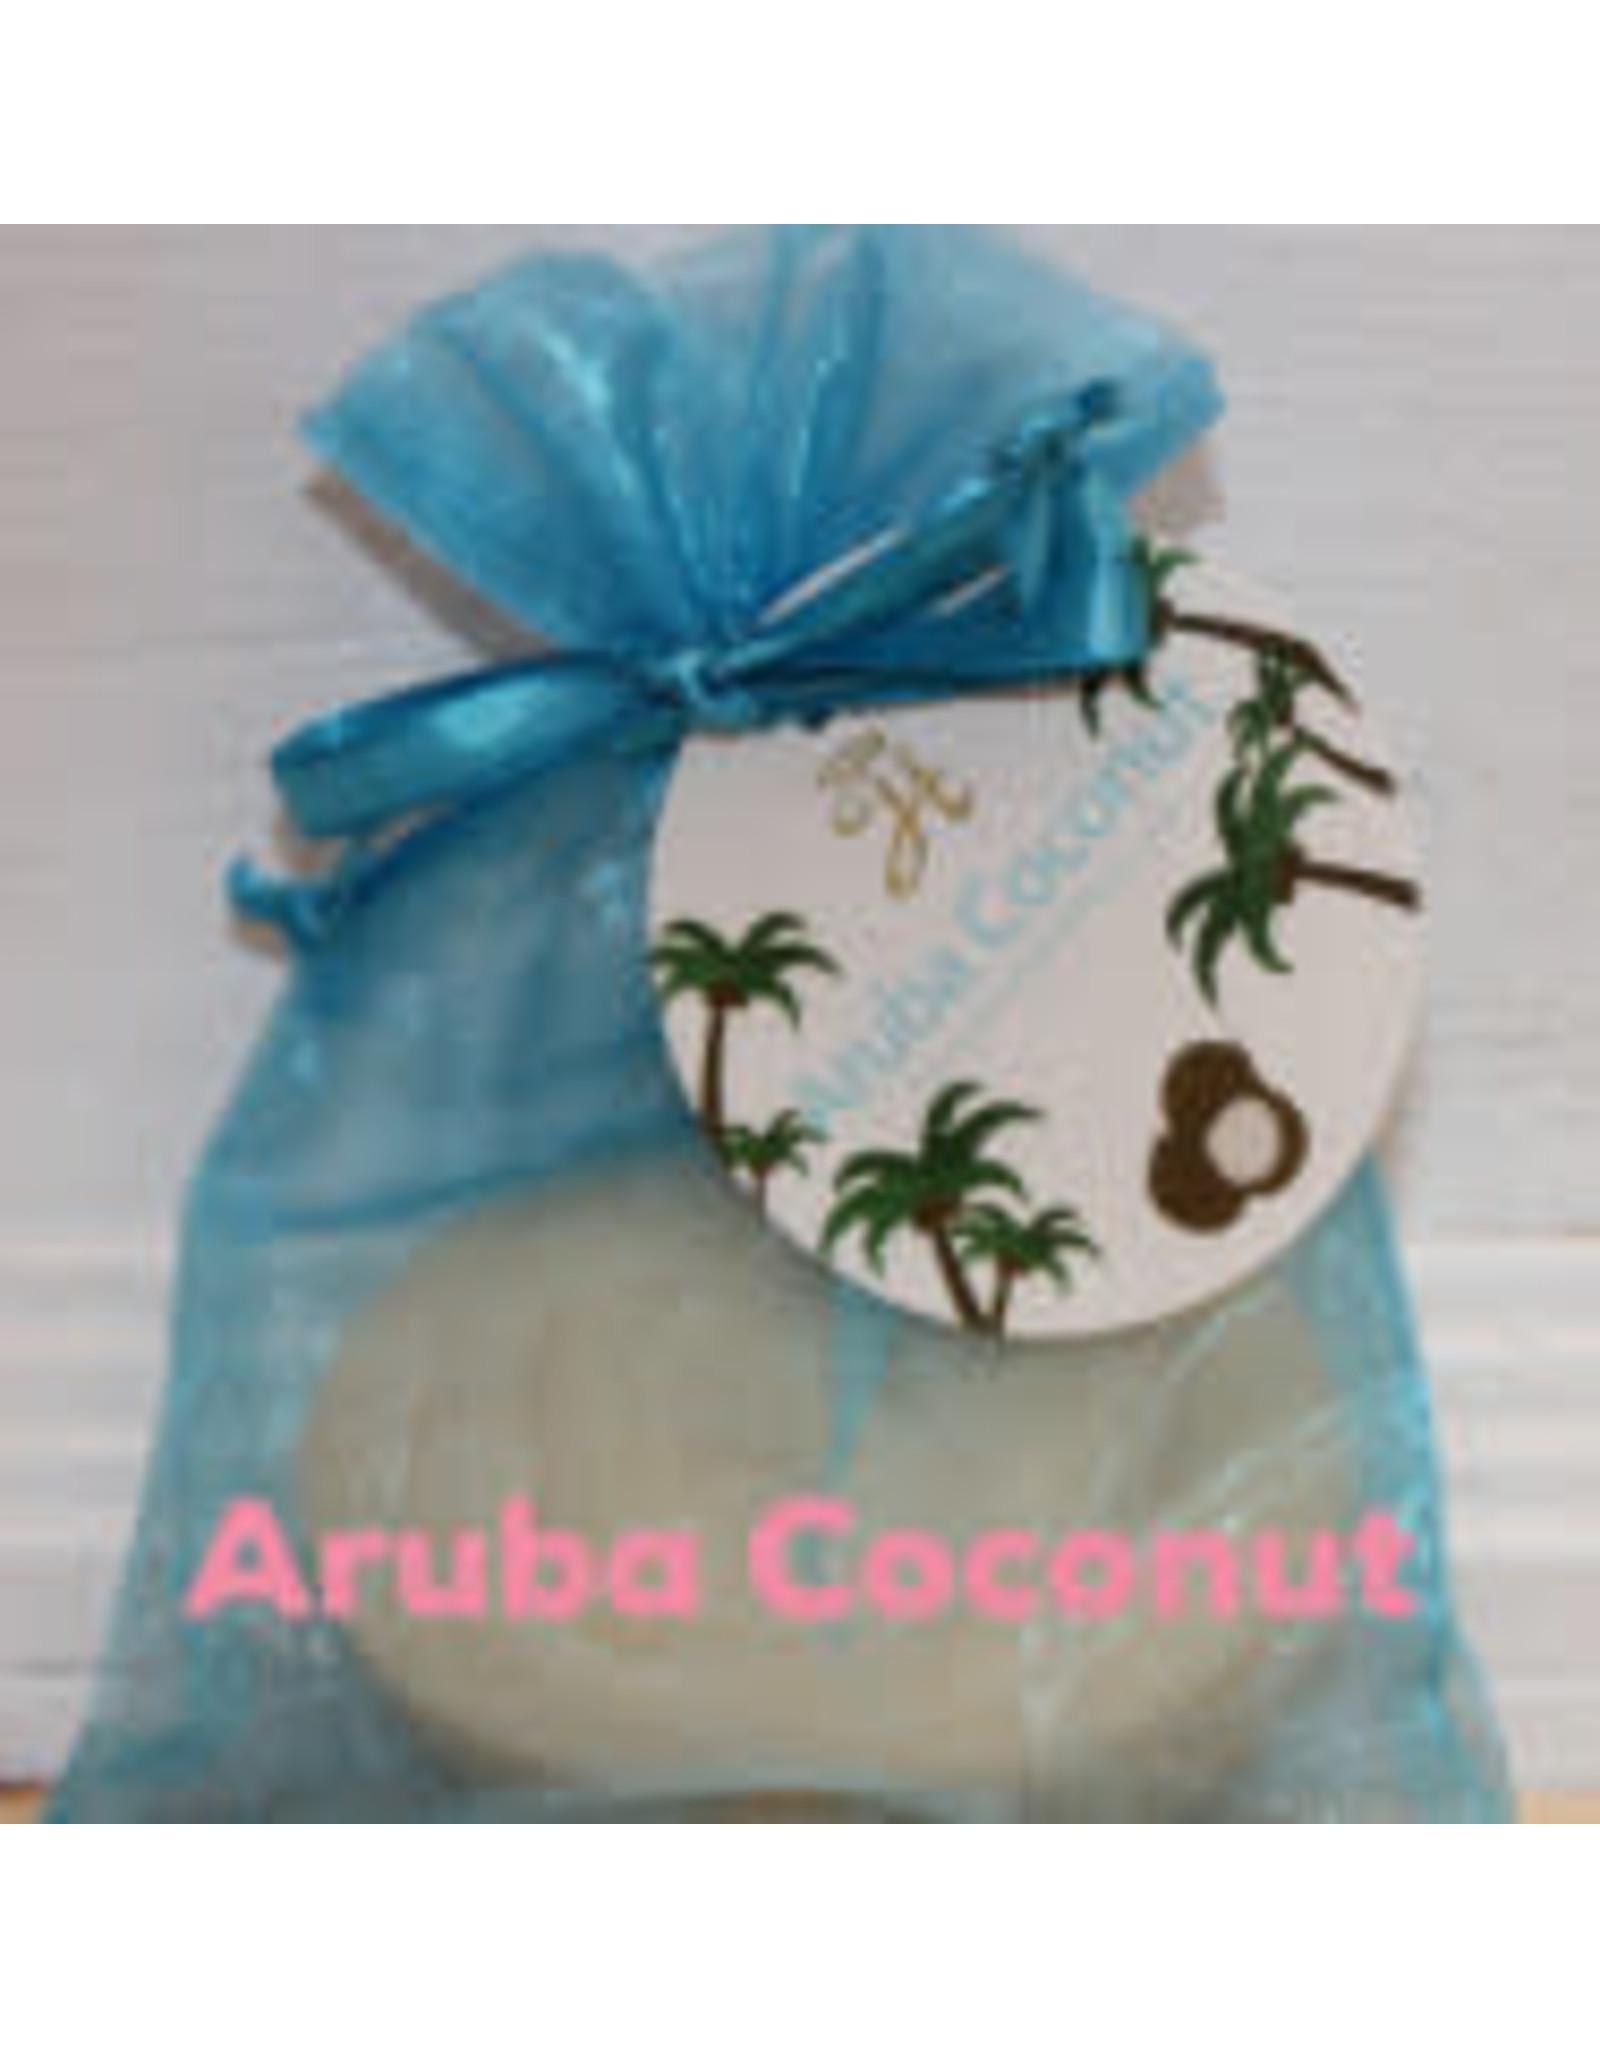 Fancy Goat Boutique Soap Aruba Coconut